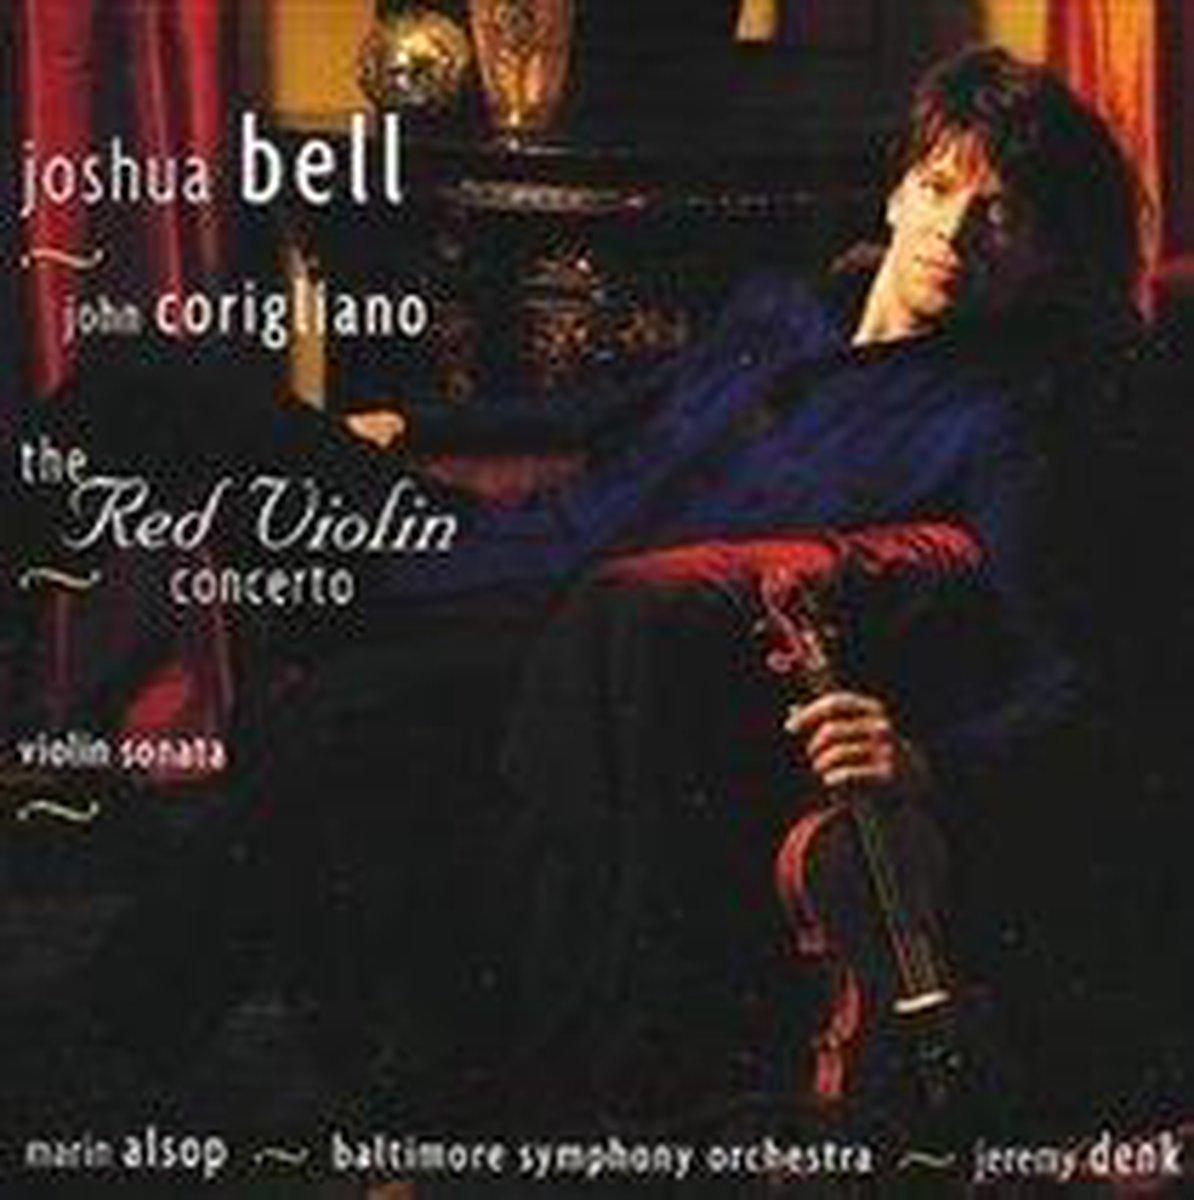 Corigliano: The Red Violin Concerto; Violin Sonata - Joshua Bell